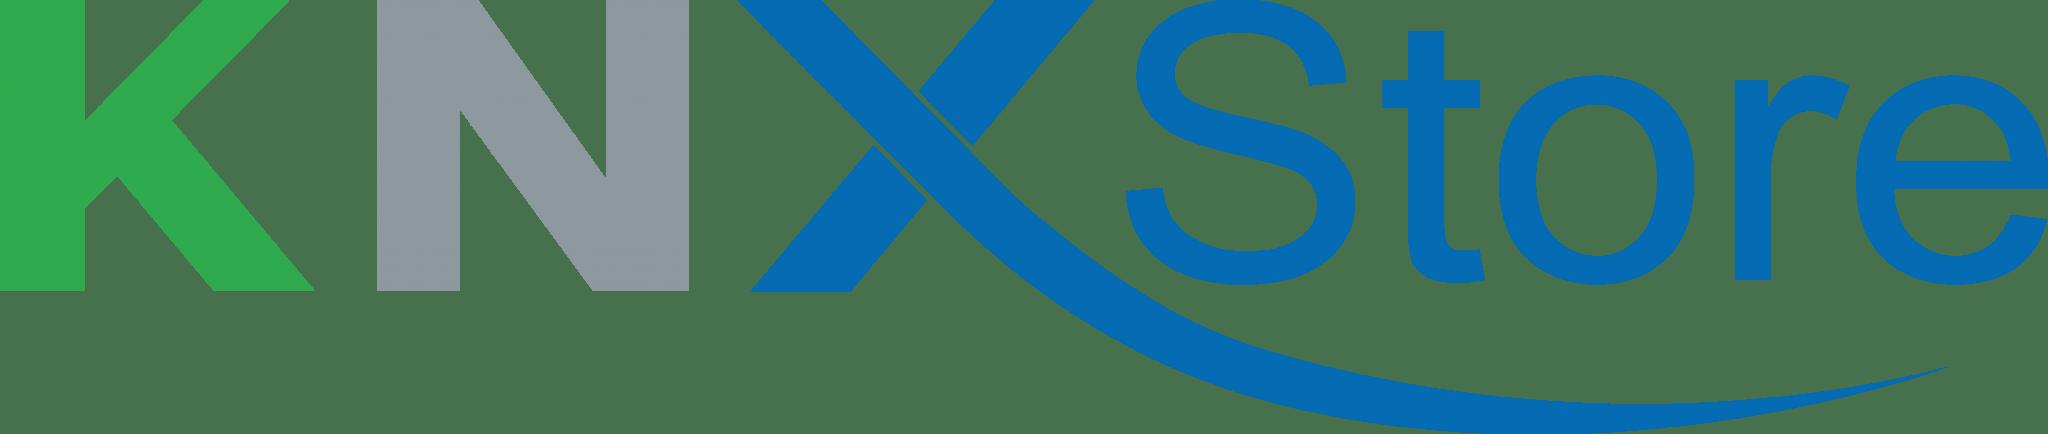 فروشگاه تجهیزات هوشمند سازی – فروشگاه KNX | تنها فروشگاه آنلاین بدون واسطه سیستم هوشمند ساختمان